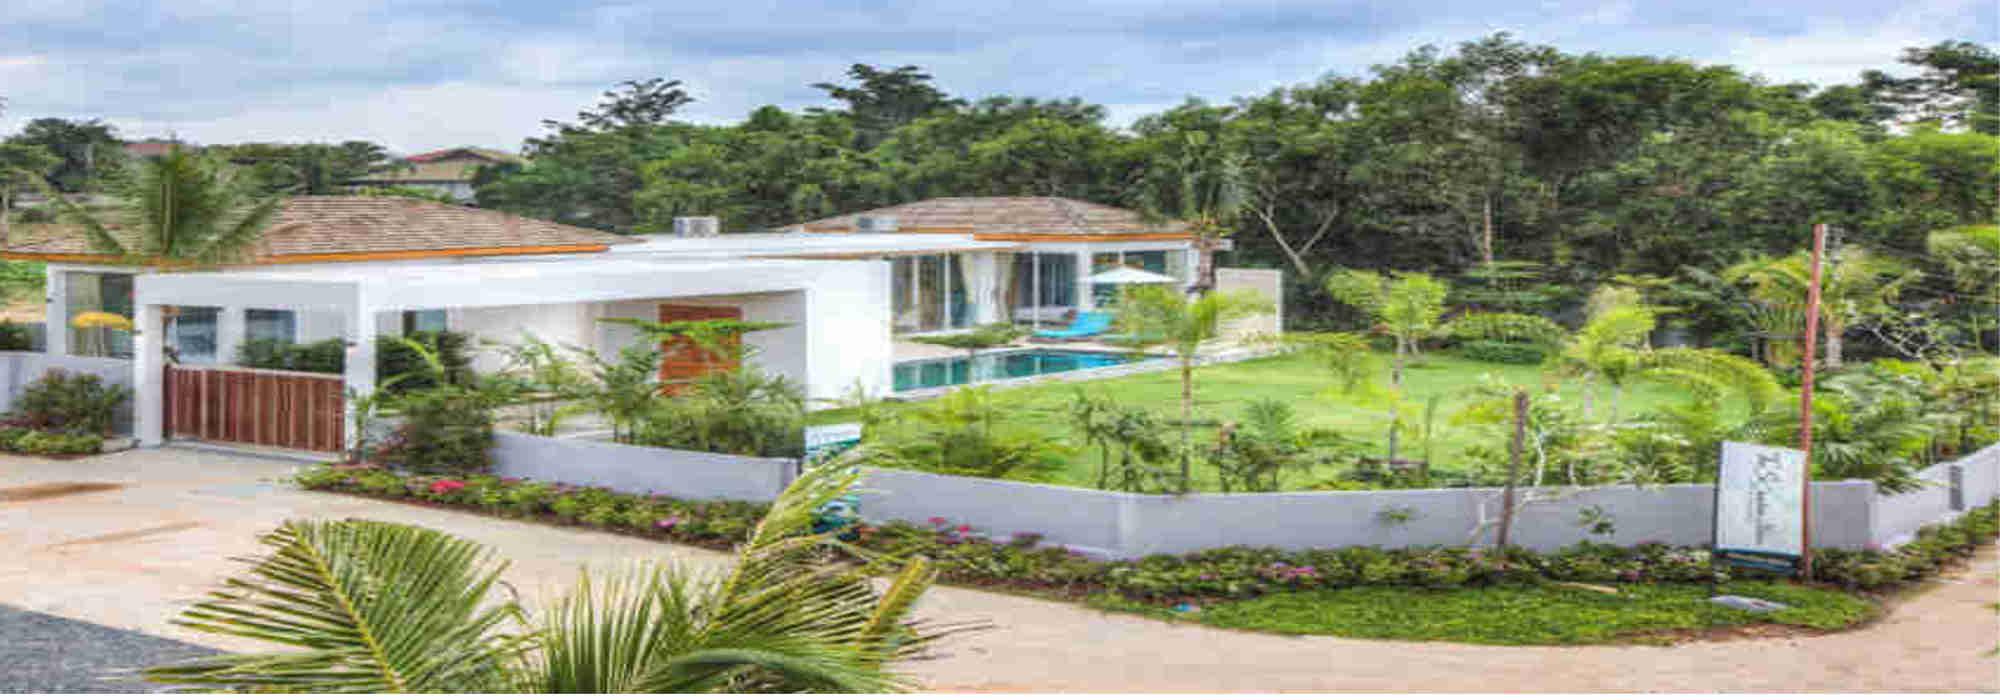 Nai Harn Villa Signature 2 camere e piscina